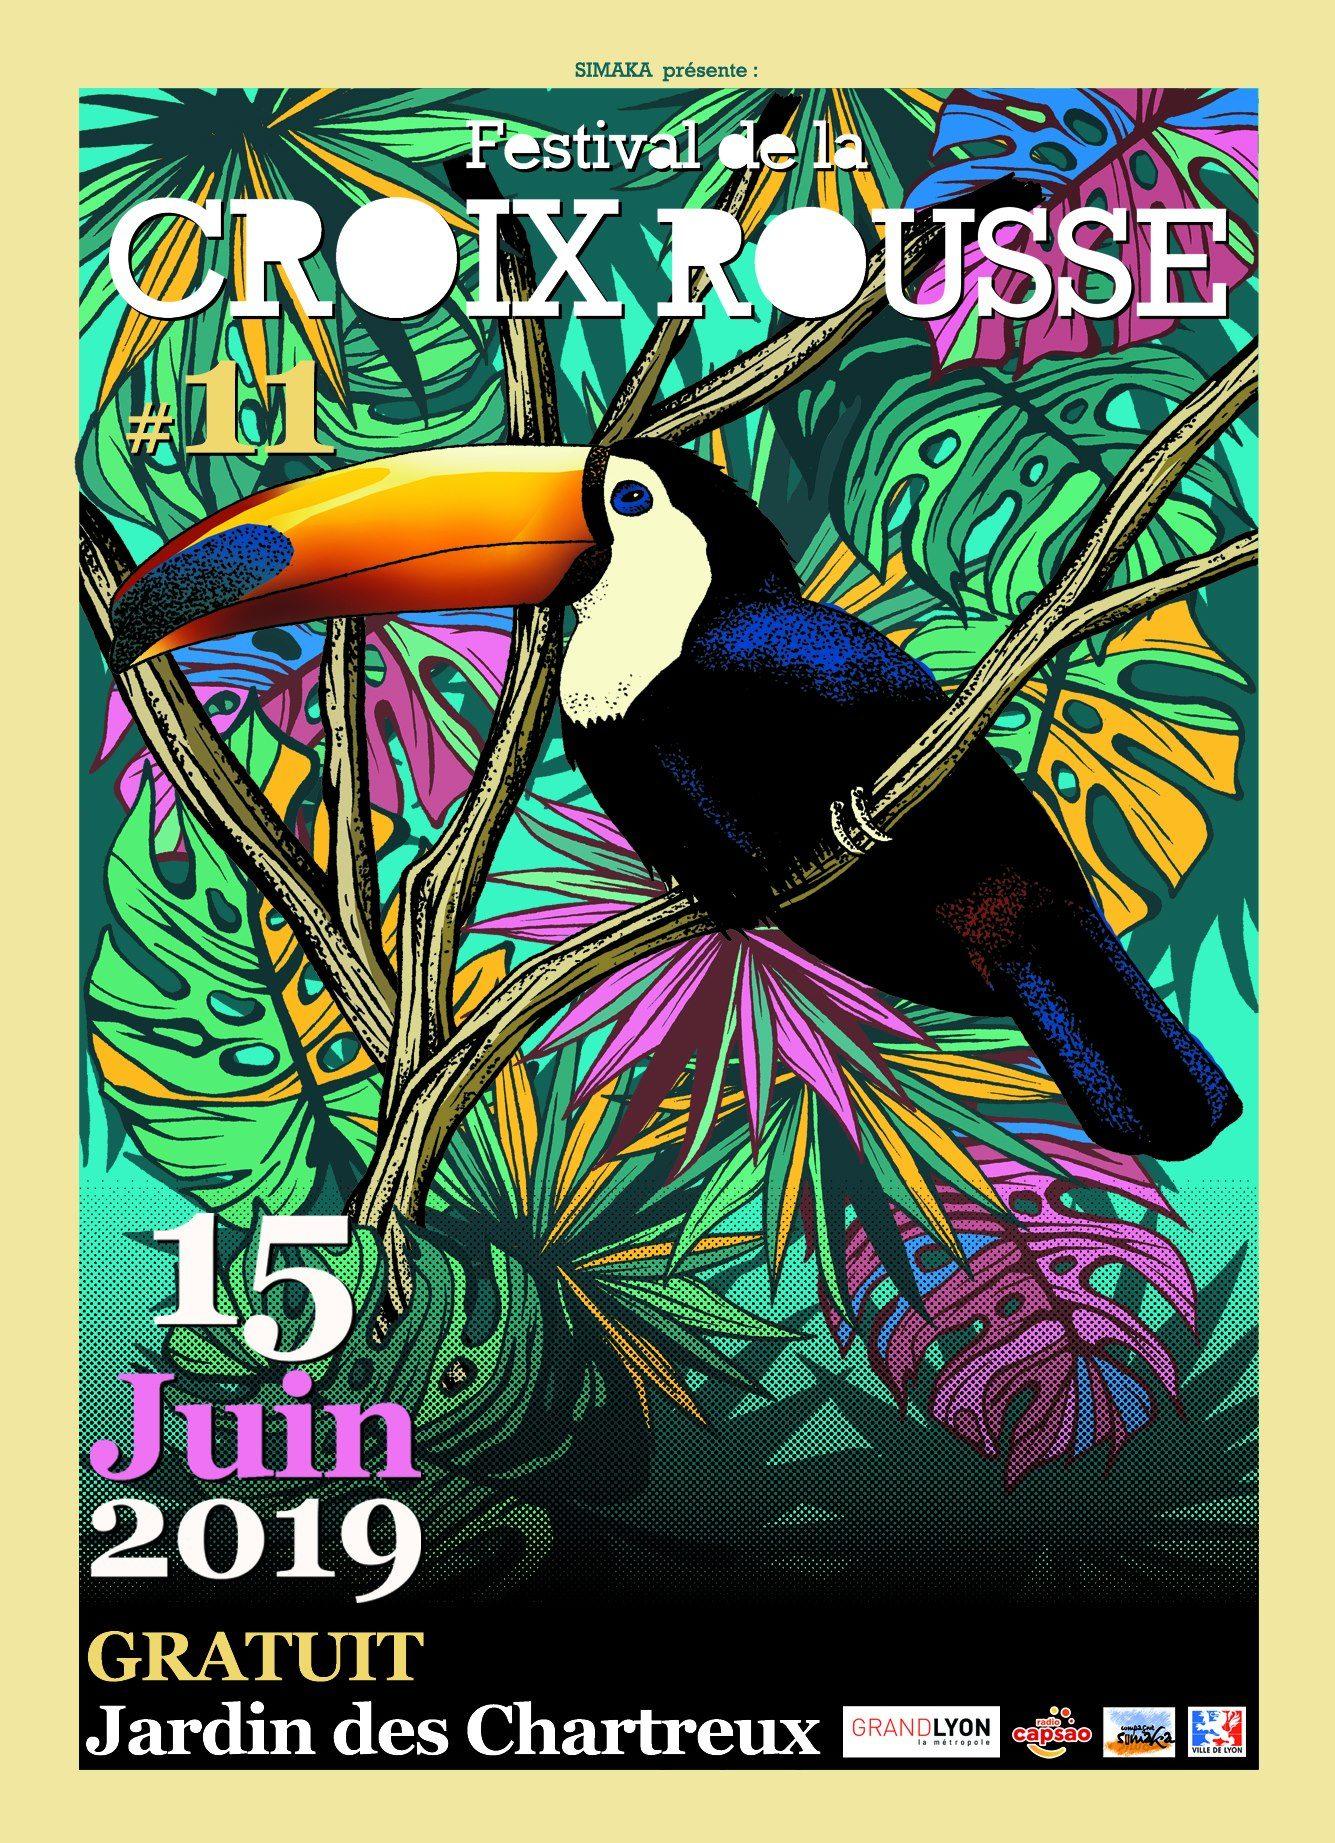 Festival de la Croix Rousse